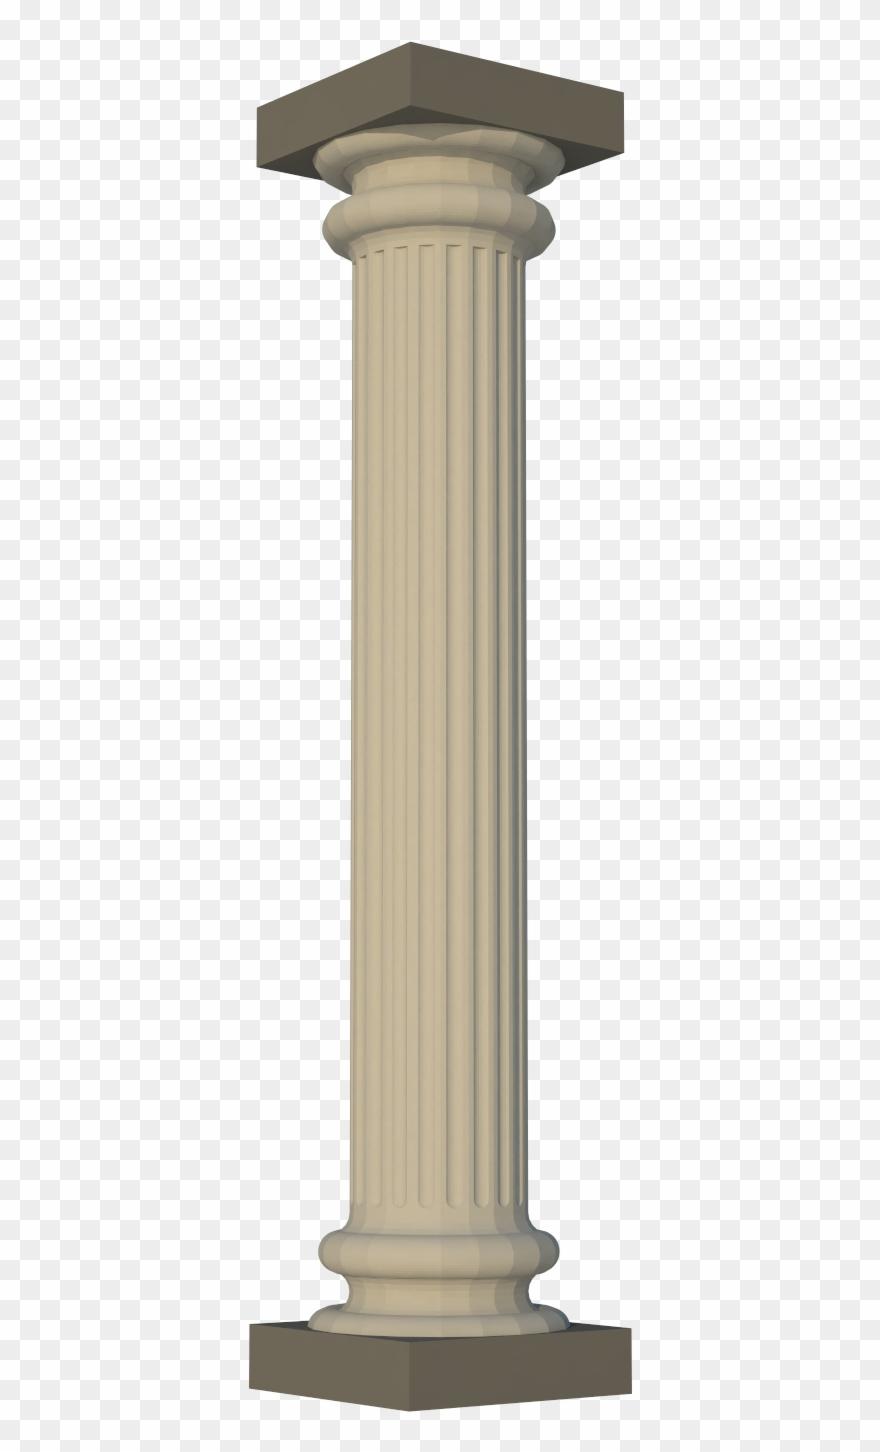 Column,Pedestal,Architecture,Cylinder #4189818.